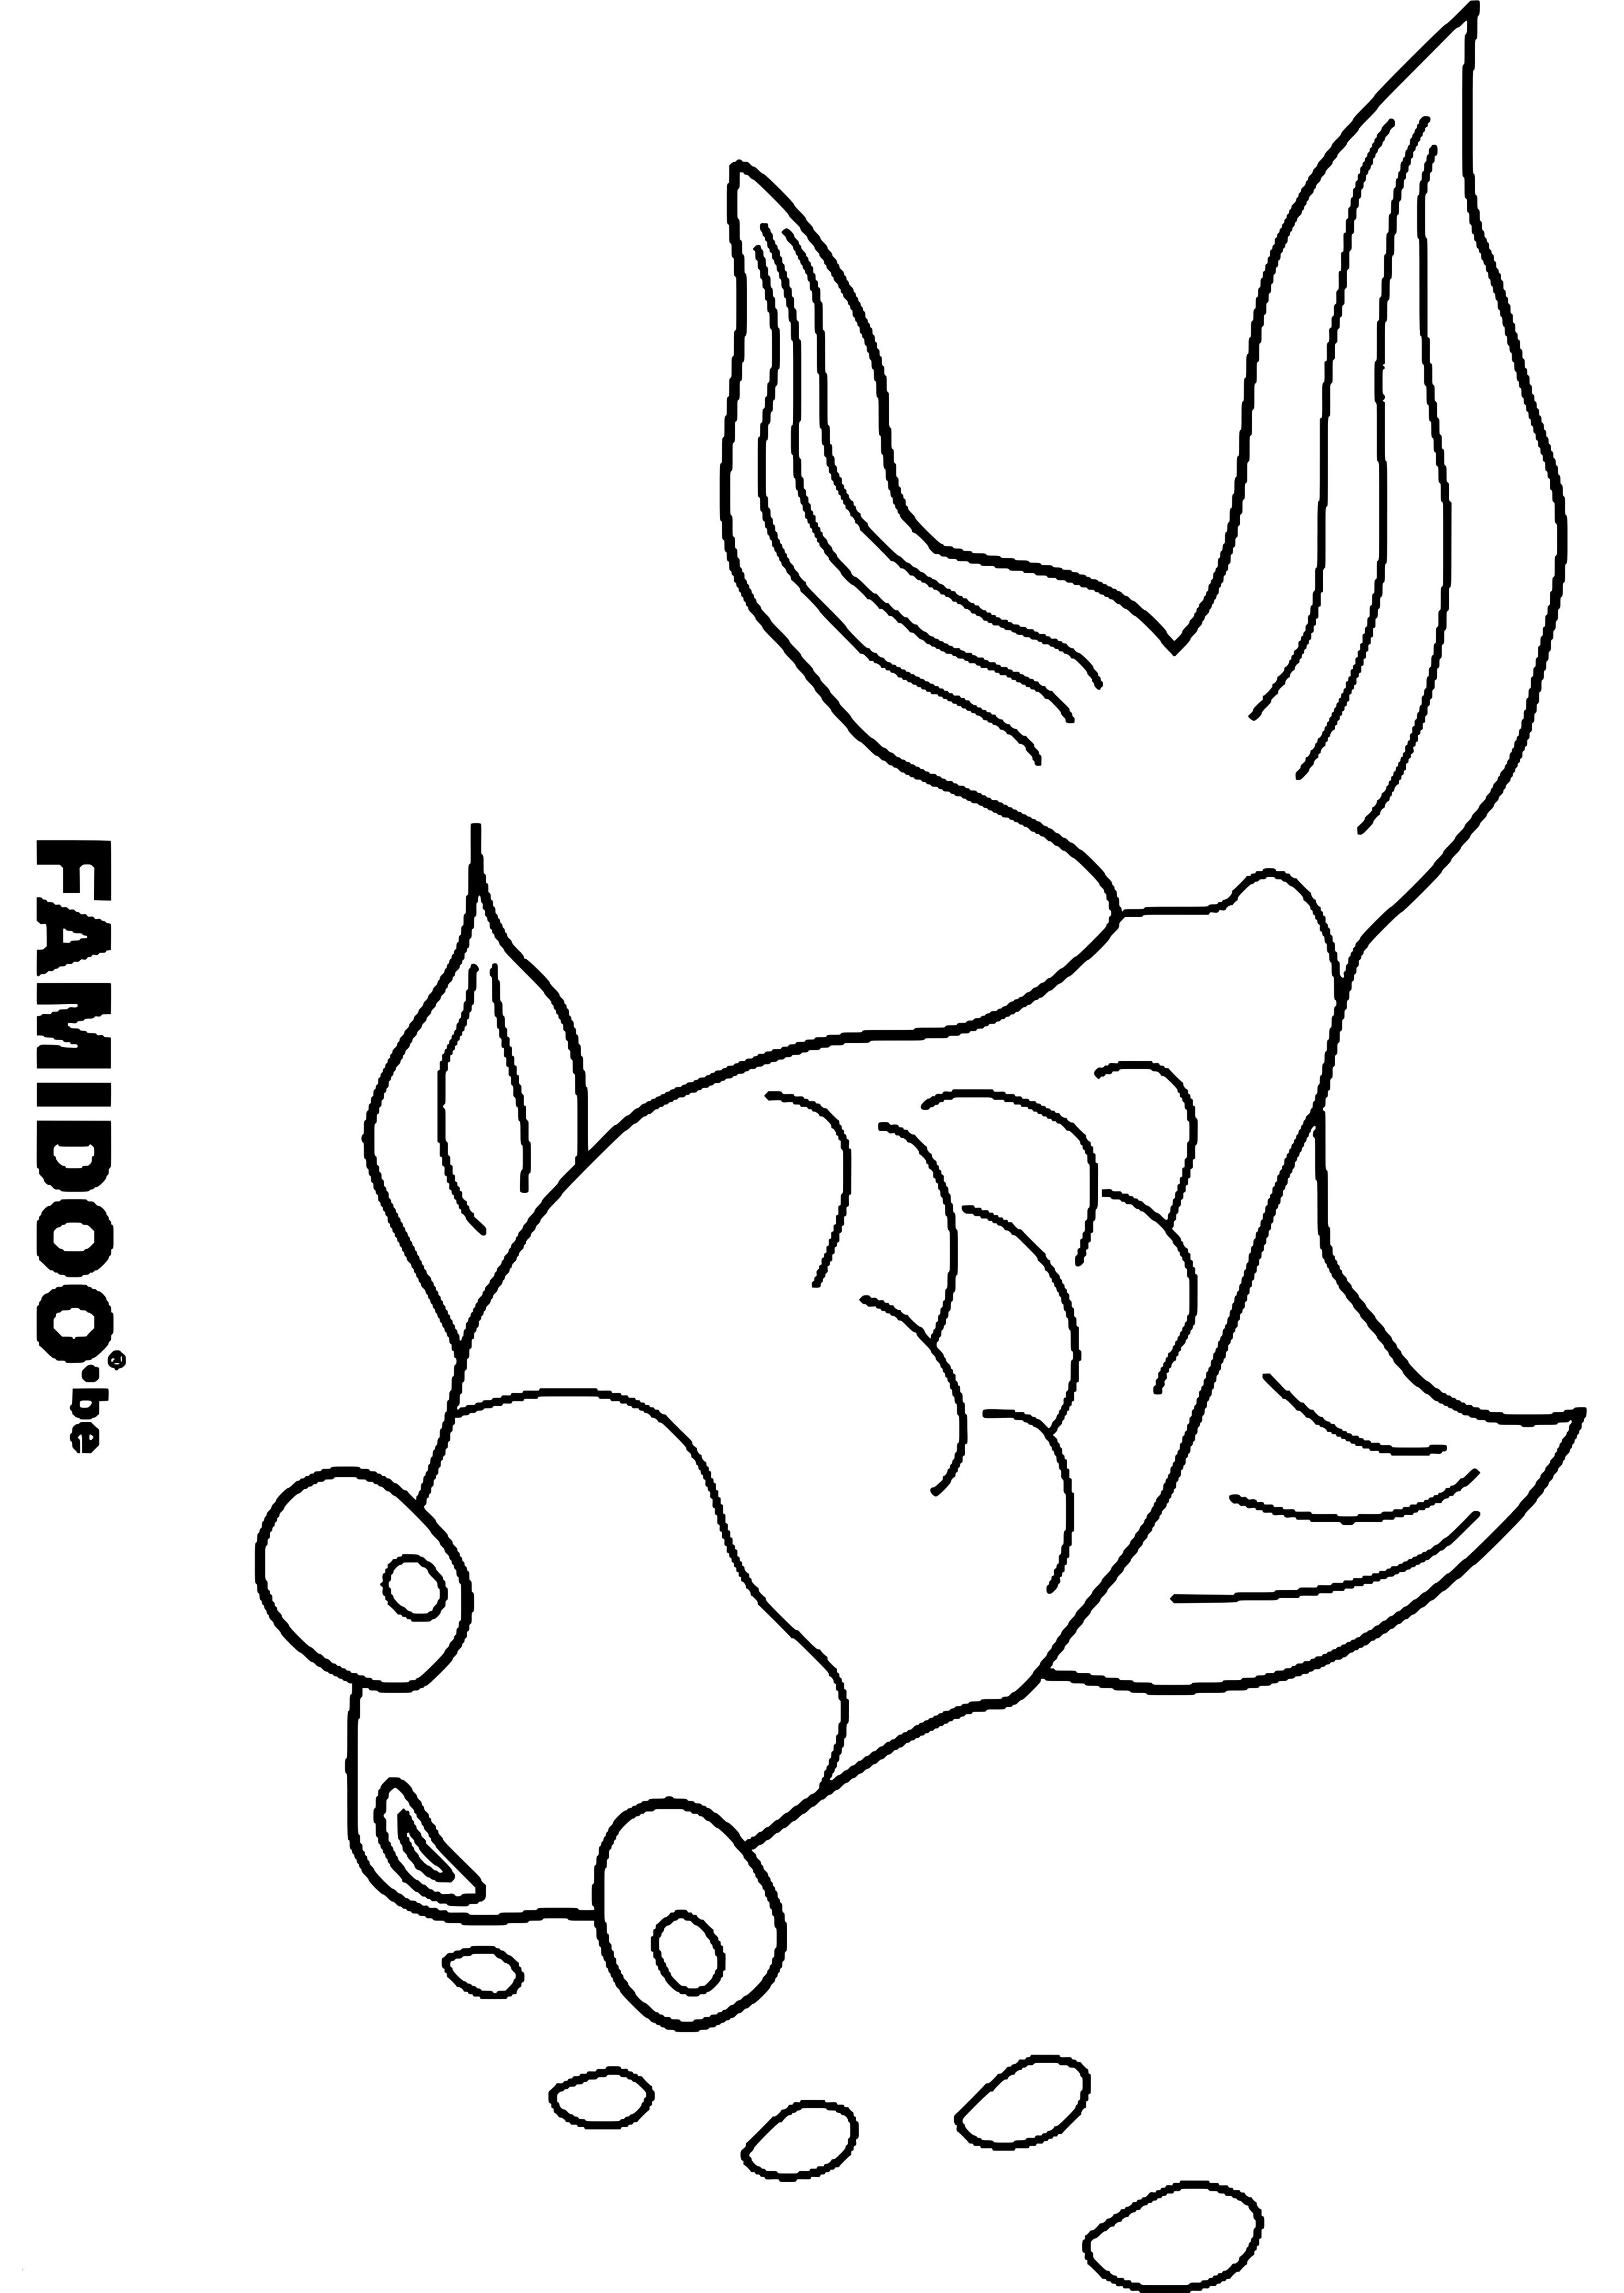 Fische Bilder Zum Ausdrucken Neu Ausmalbilder Weihnachten Schneemann Luxus Igel Grundschule 0d Frisch Sammlung